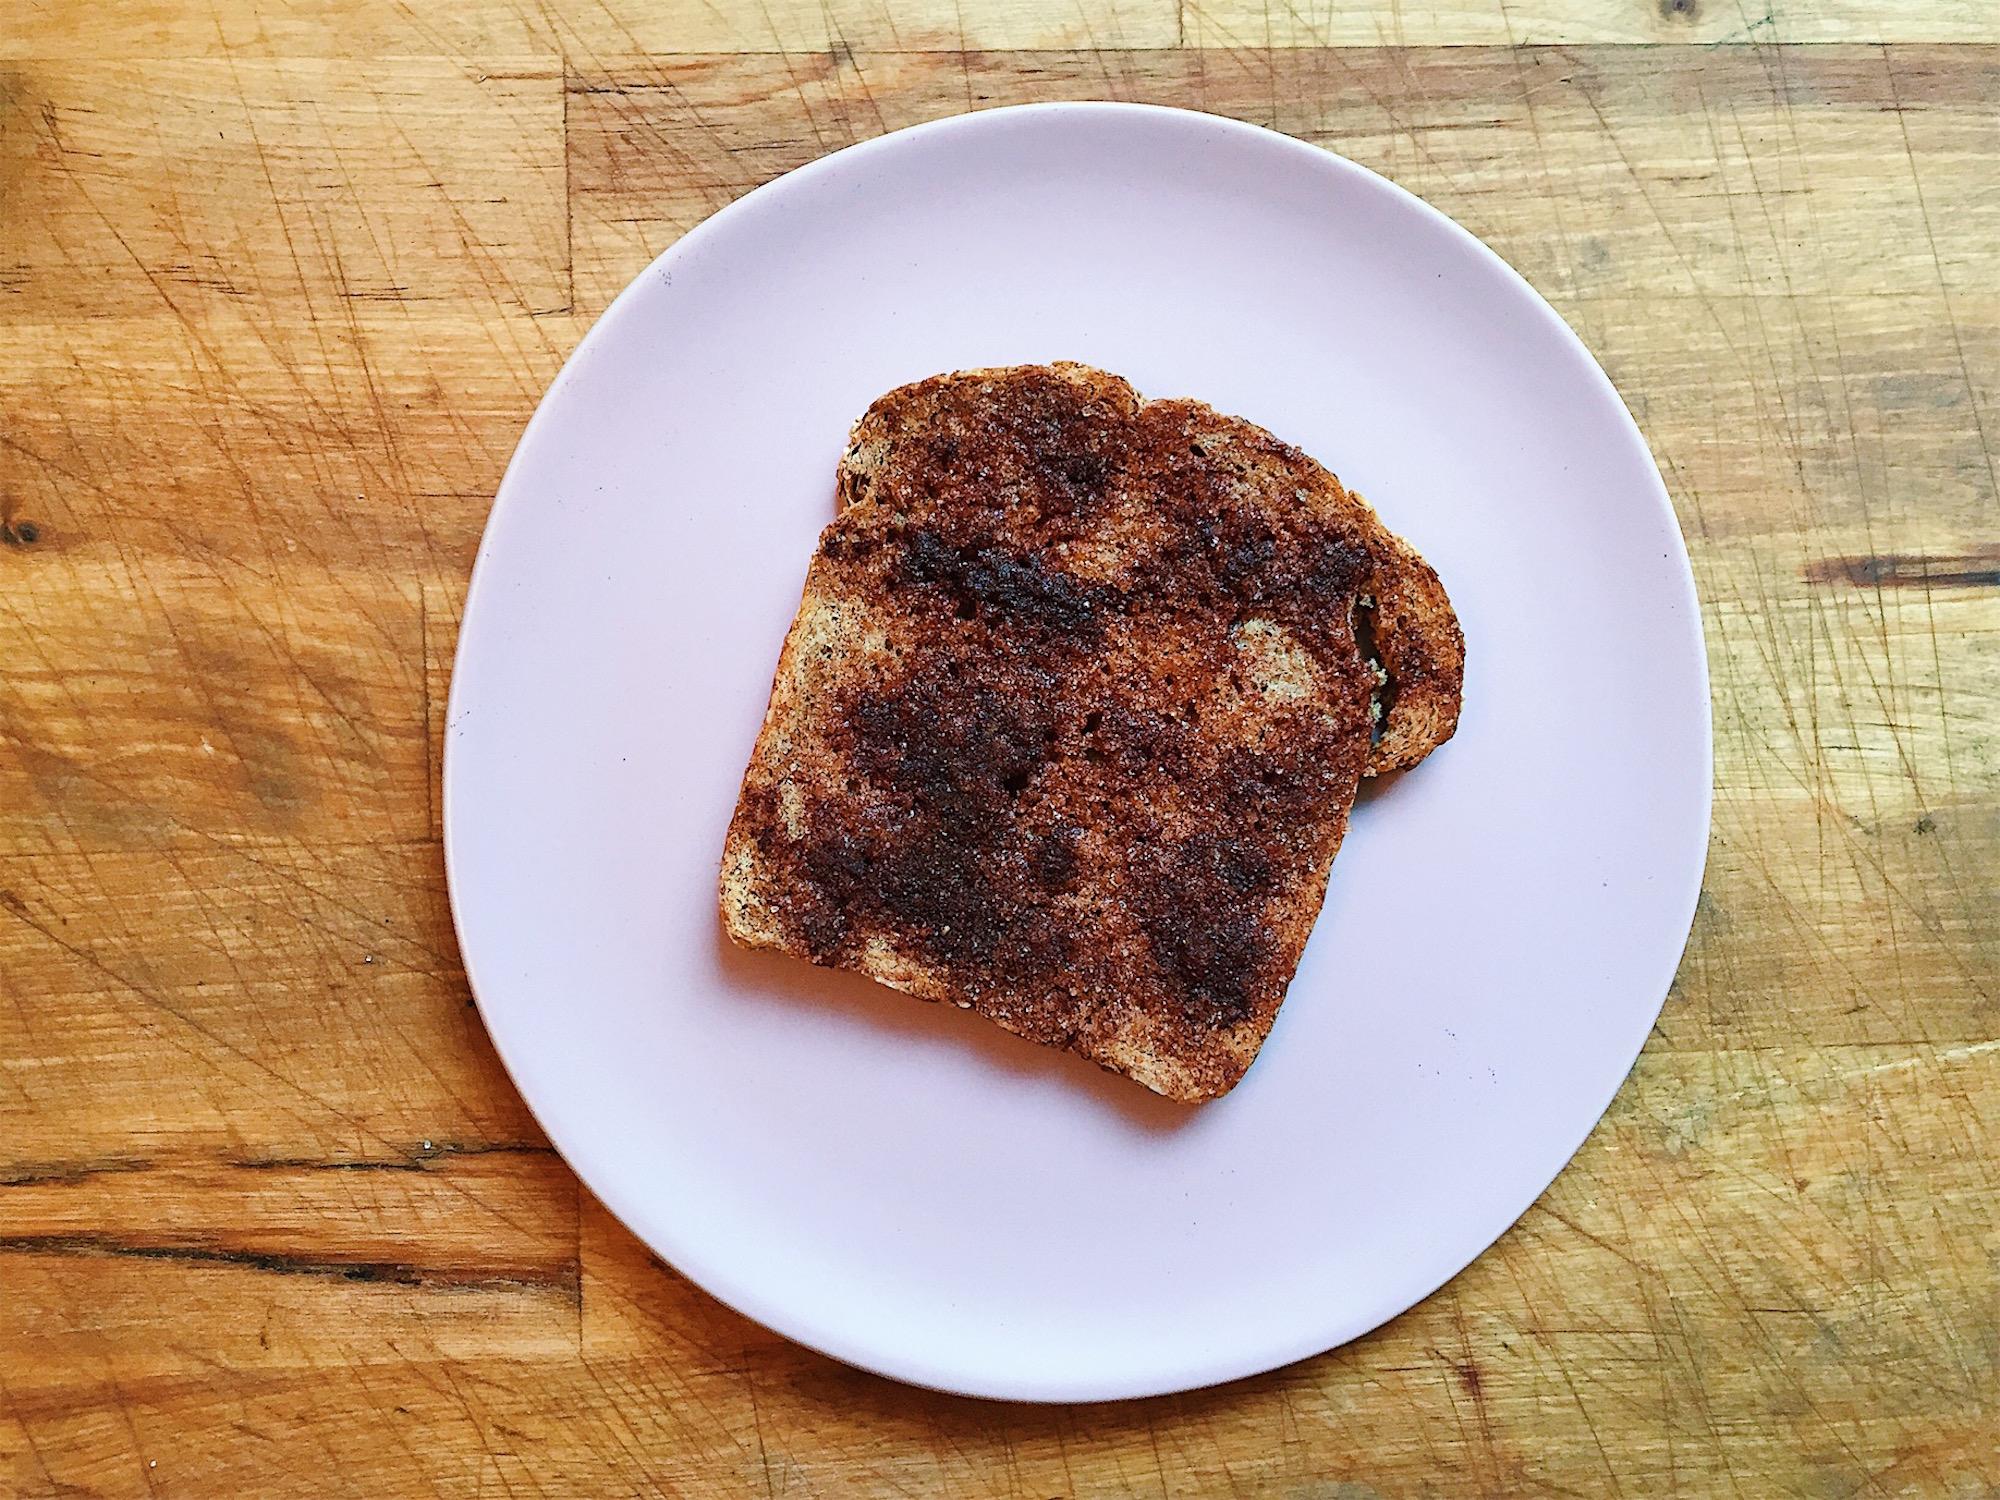 cinnamon-toast-baked.jpeg